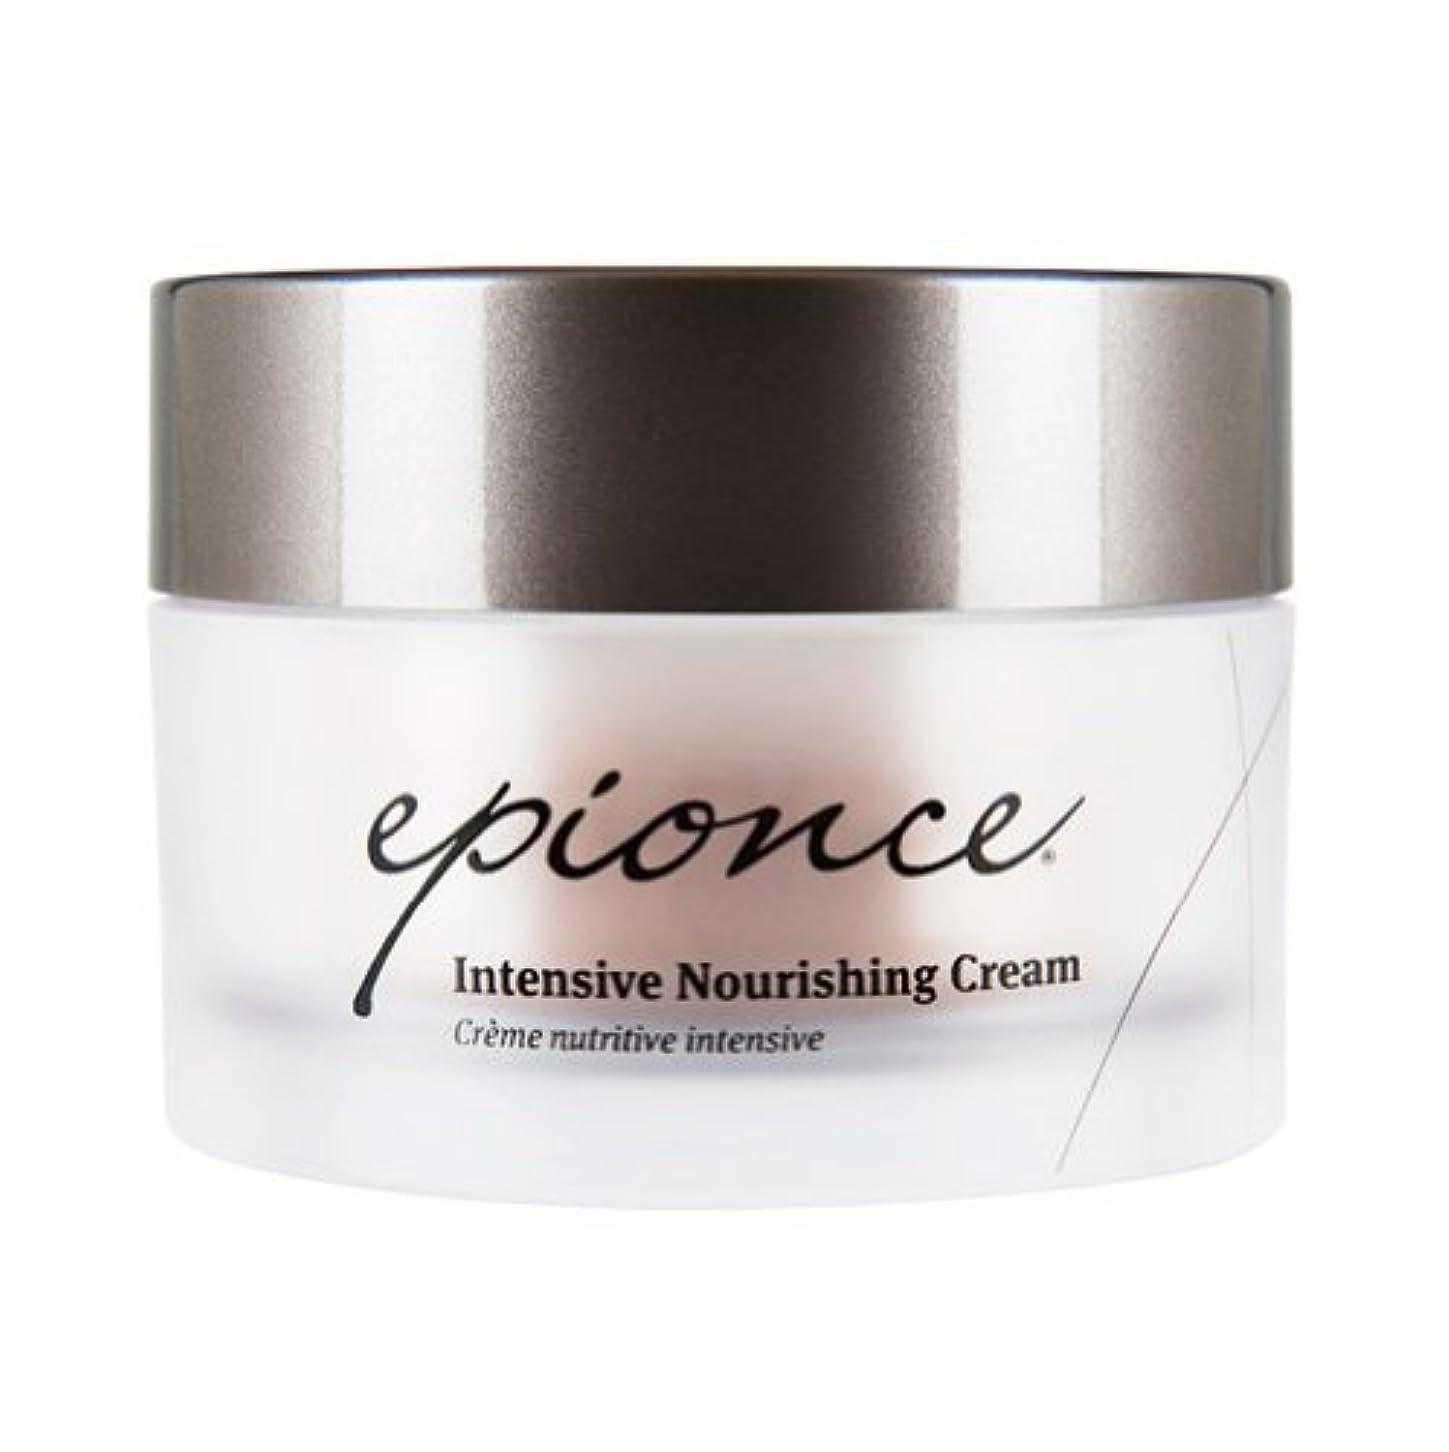 同等の競争礼拝Epionce Intensive Nourishing Cream - For Extremely Dry/Photoaged Skin 50g/1.7oz並行輸入品